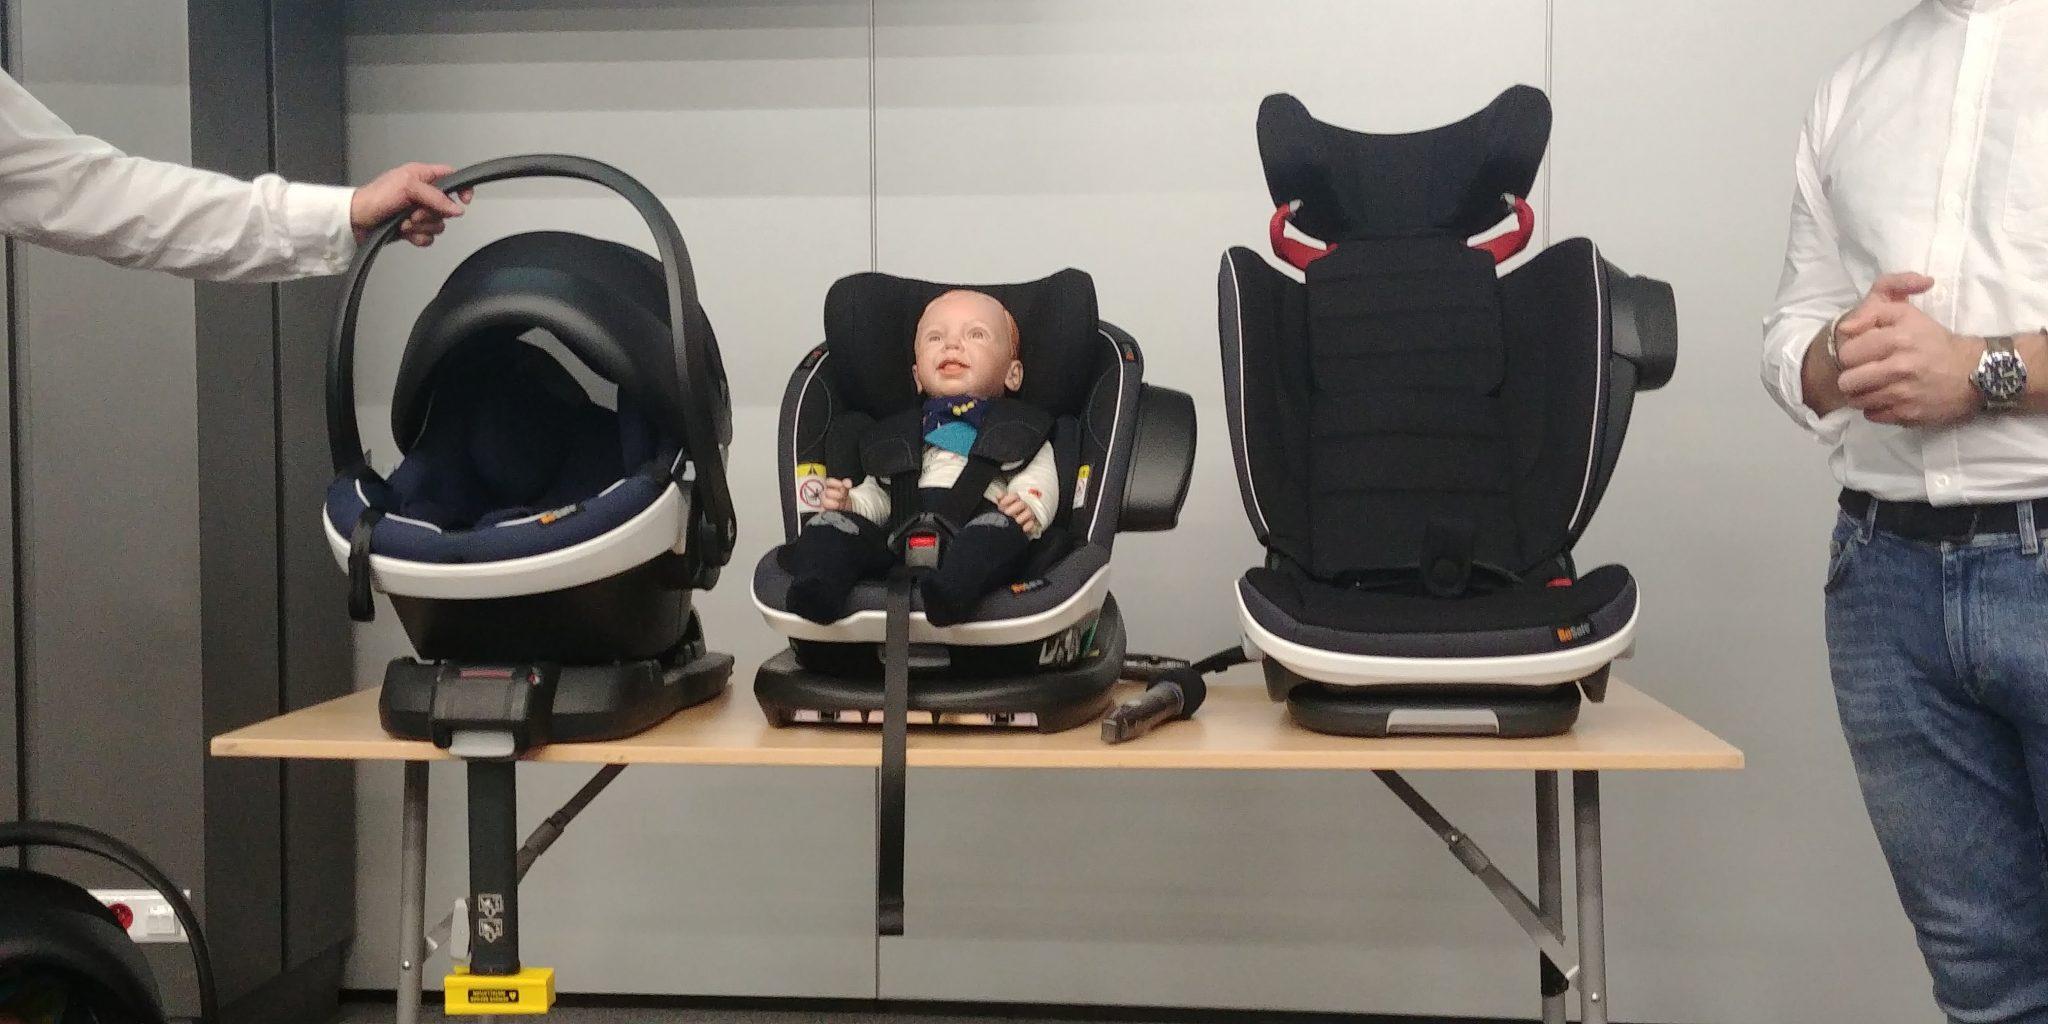 Kurtki i foteliki - jak przewozić dziecko zimą?